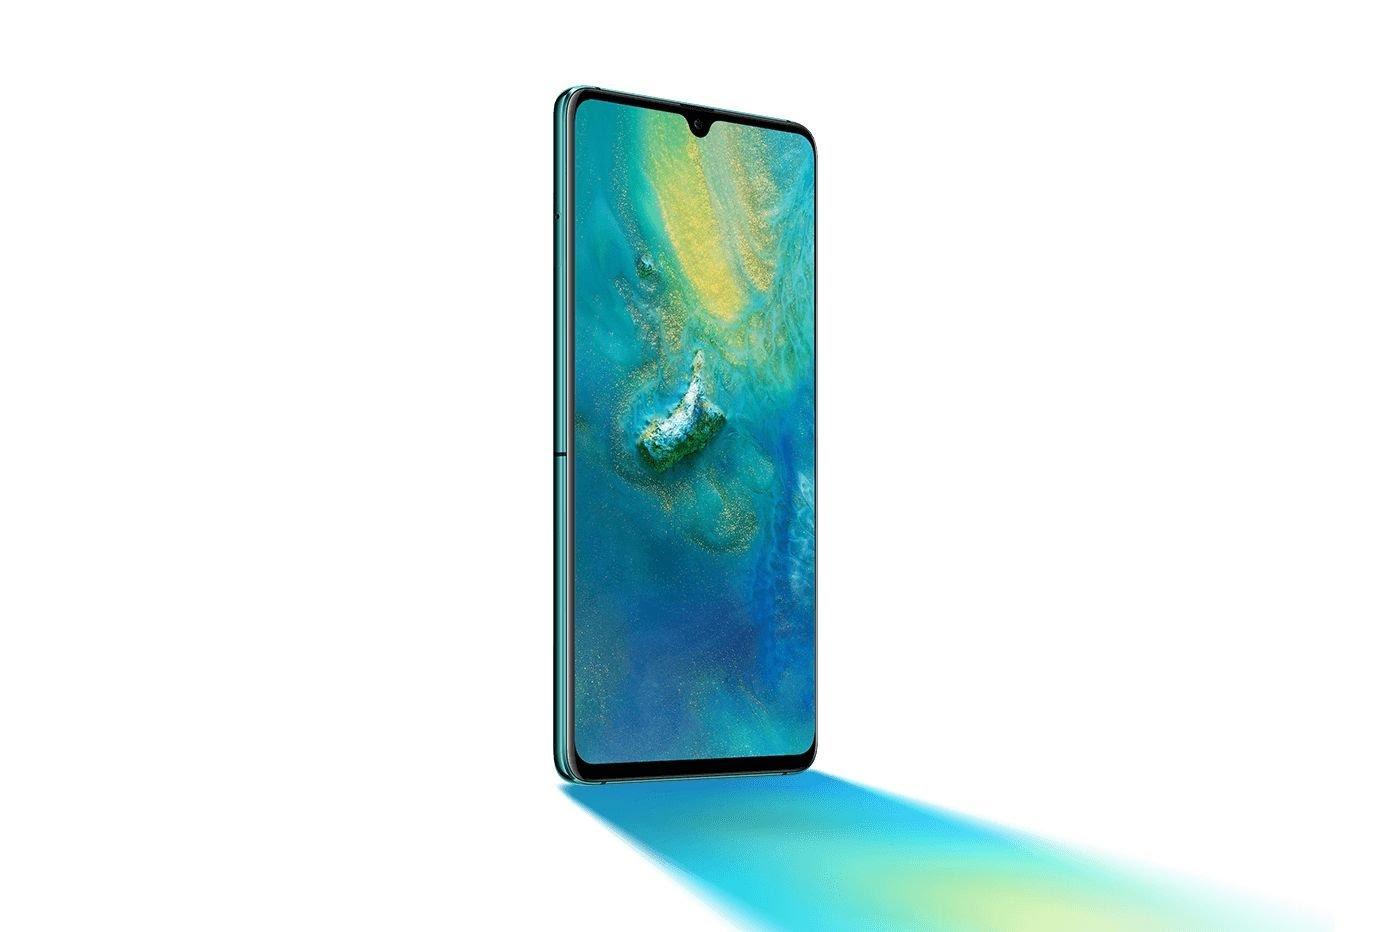 Huawei ilk 5G telefonunu işə salmağa hazırlaşır 1